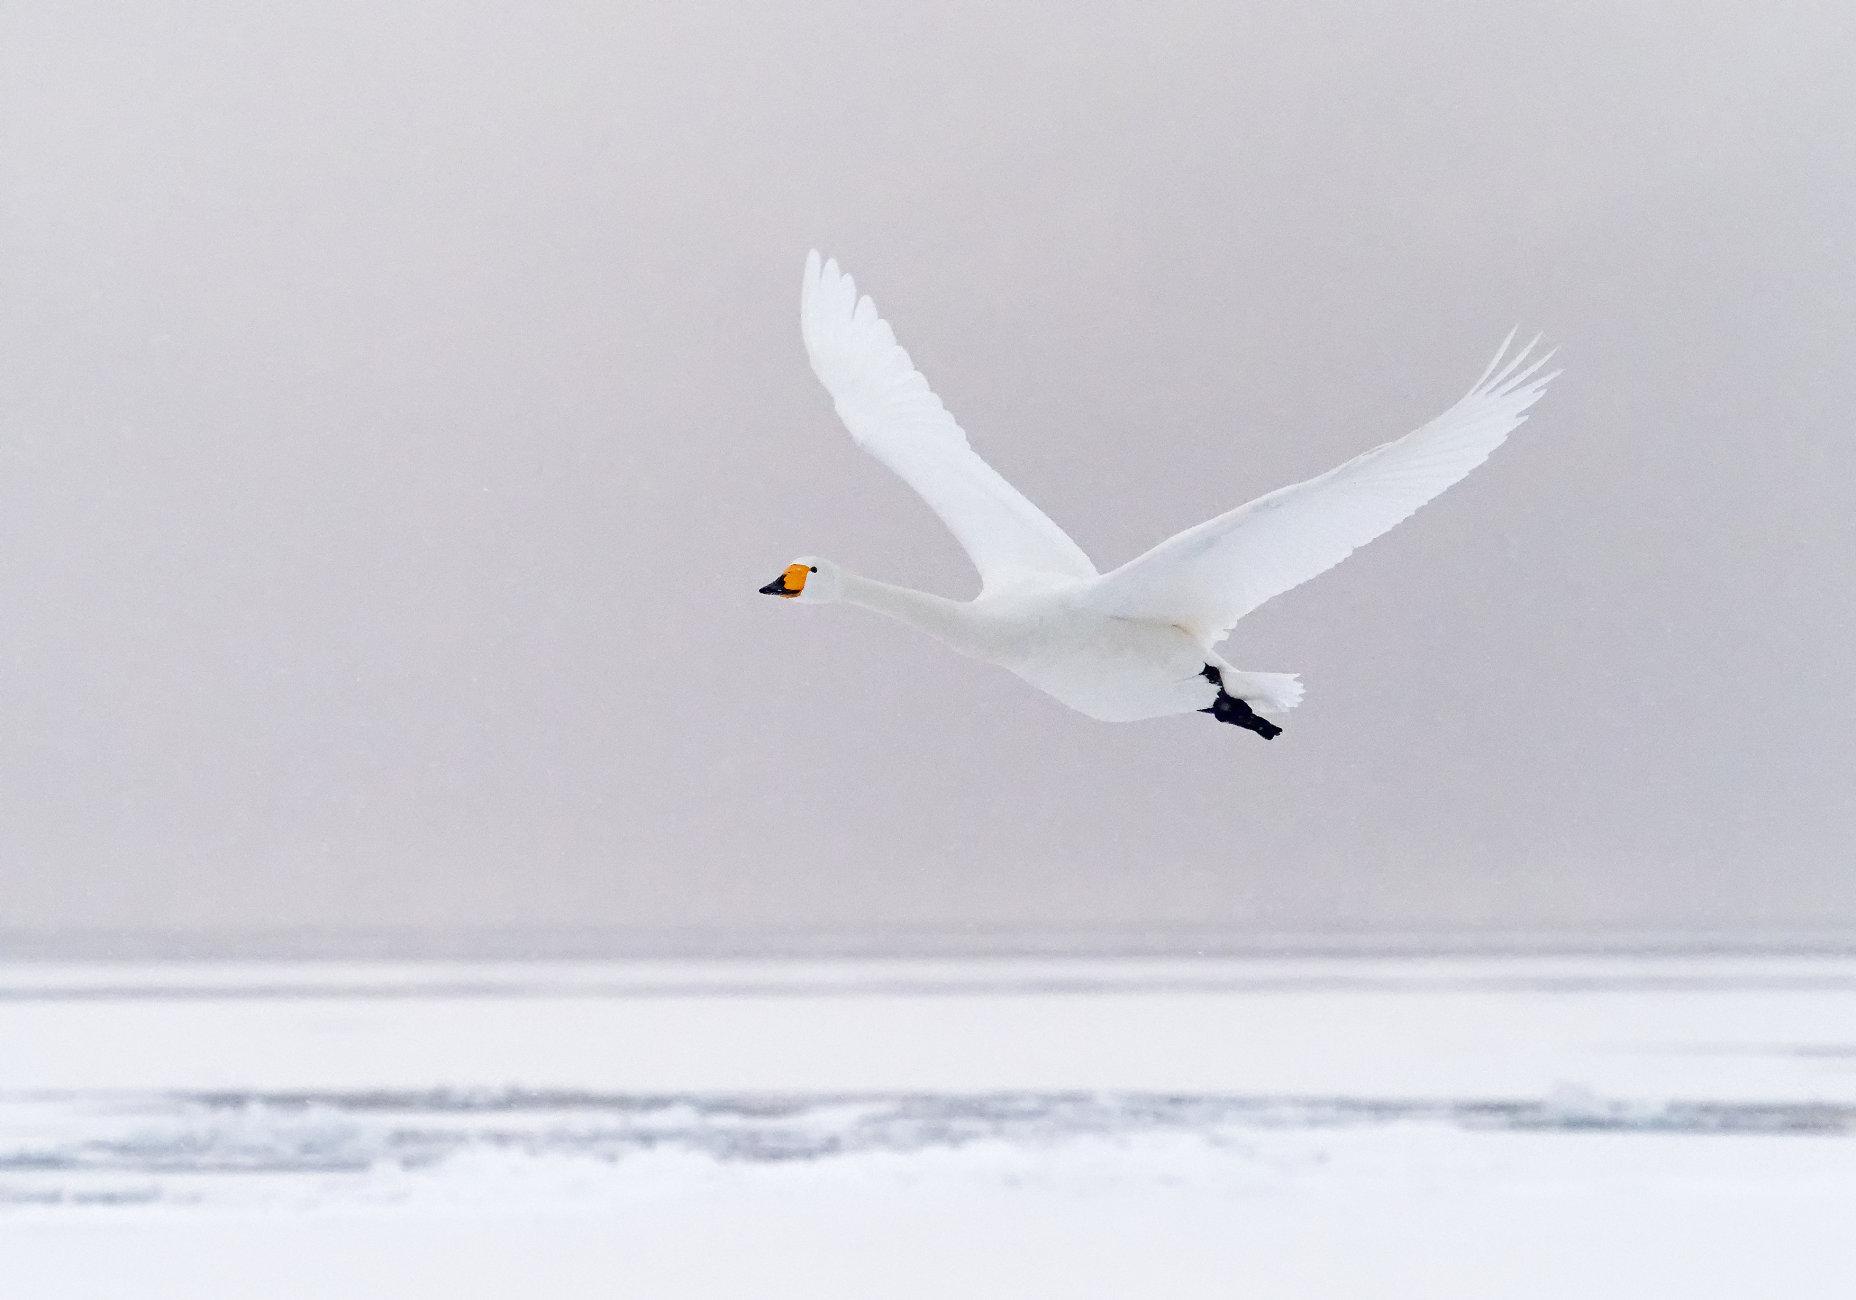 Whooper swan 2 in Lake Kussharo-ko